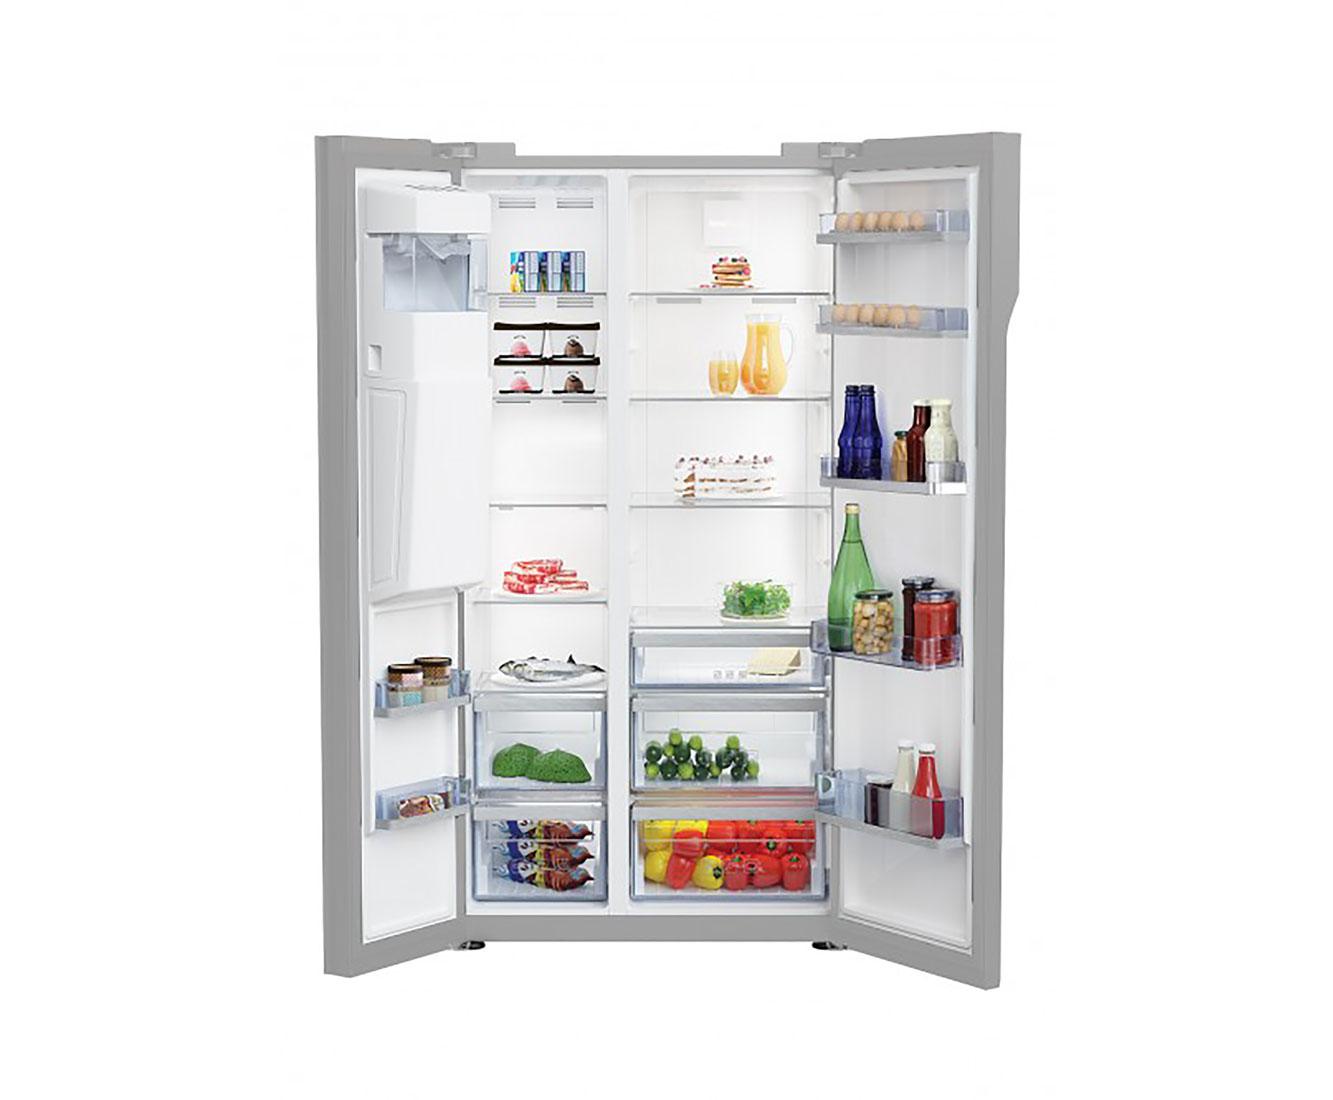 Amerikanischer Kühlschrank Beko : Beko gn 162333 zgb amerikanischer side by side mit wasserspender